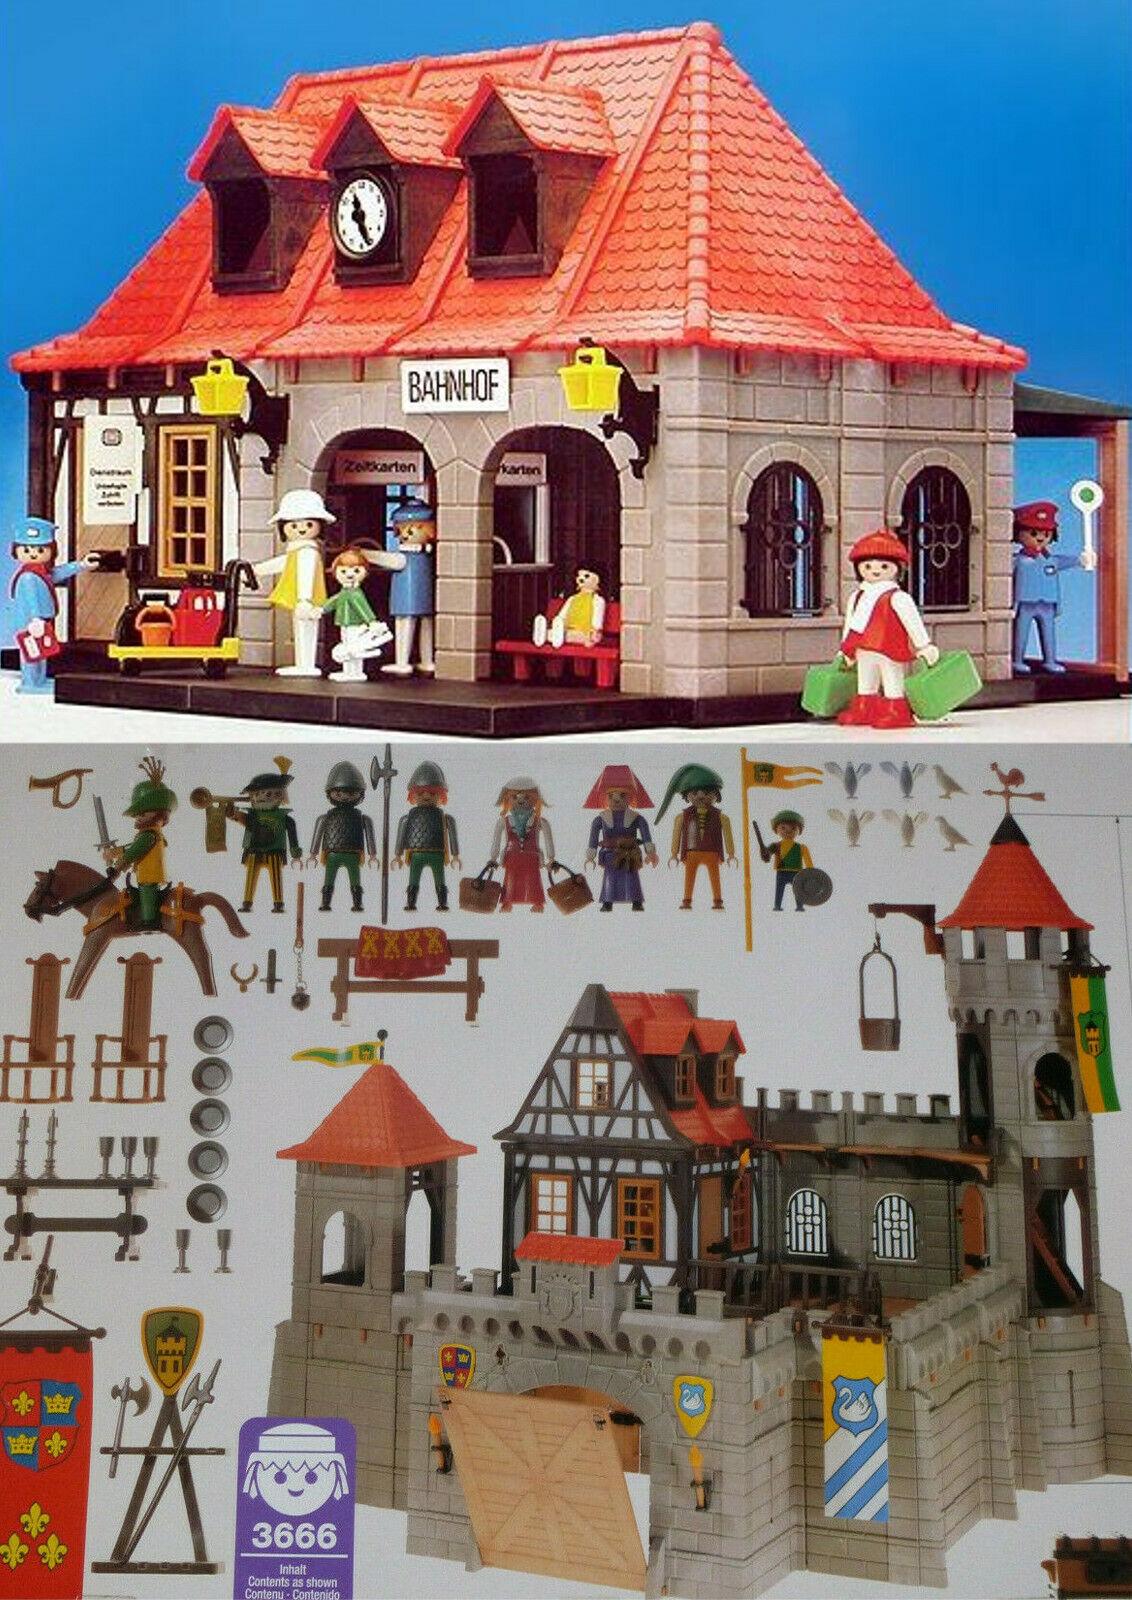 Playmobil Bahnhof 4300 Ritterburg 3666 3859 Fachwerkhaus Ersatzteile aussuchen